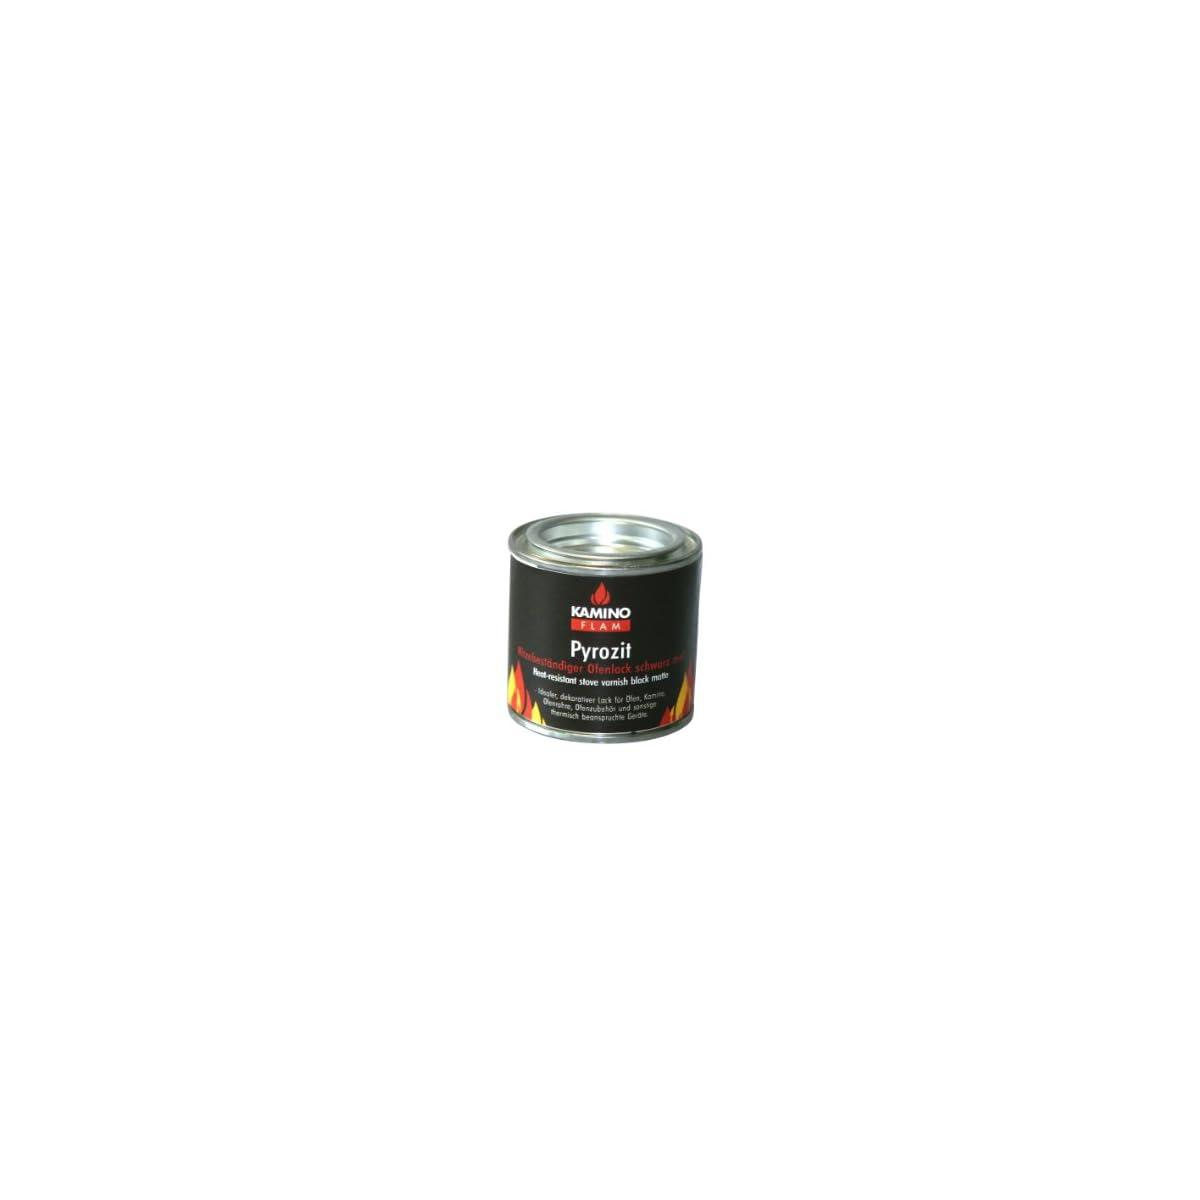 31BgWboPSnL. SS1200  - Kamino - Flam Barniz Líquido para Chimenea, Negro, 5x5x5 cm